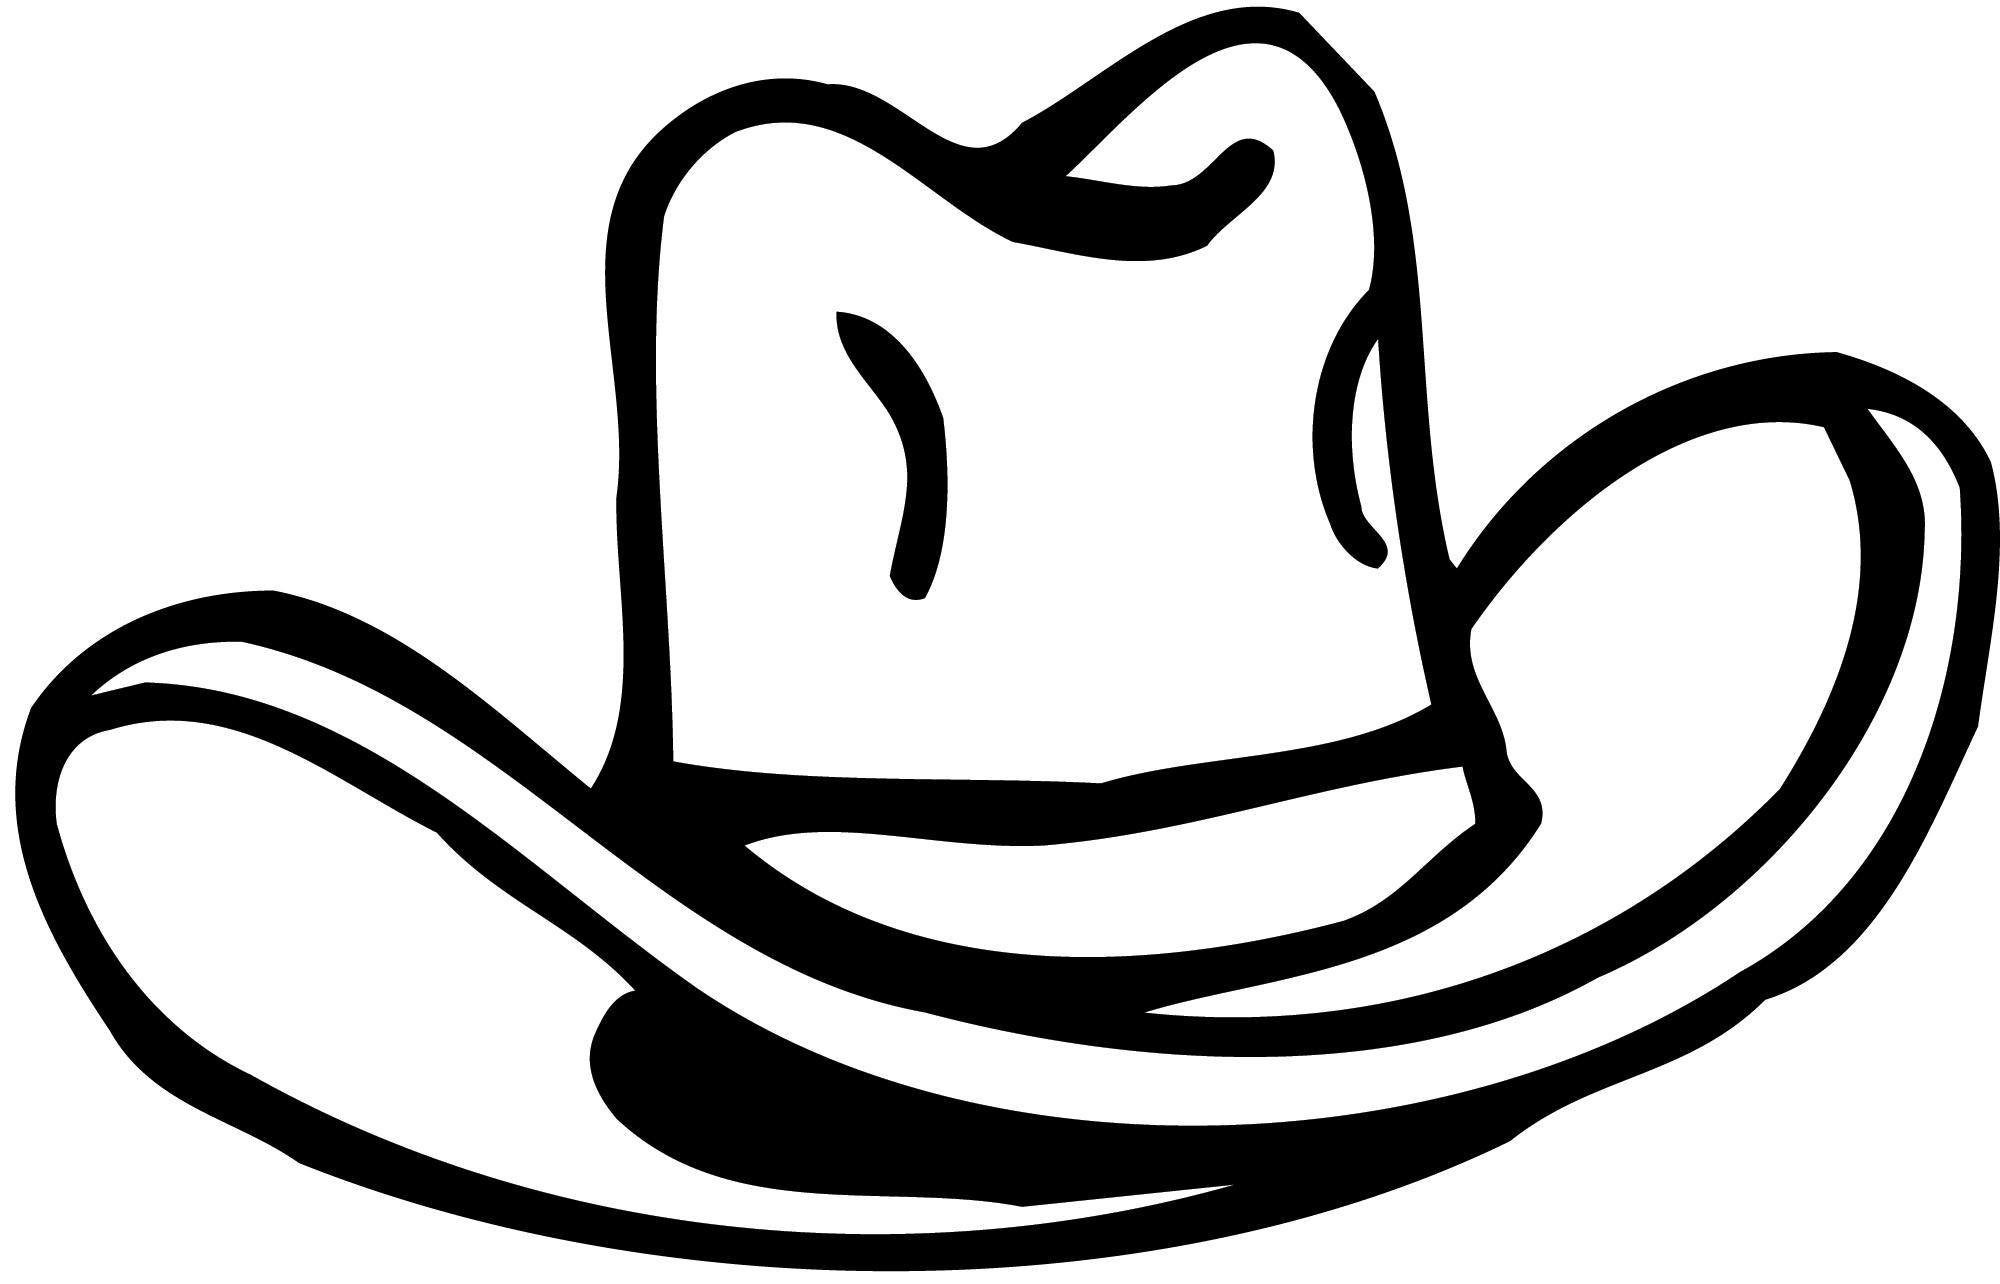 Wild West clipart cap #10